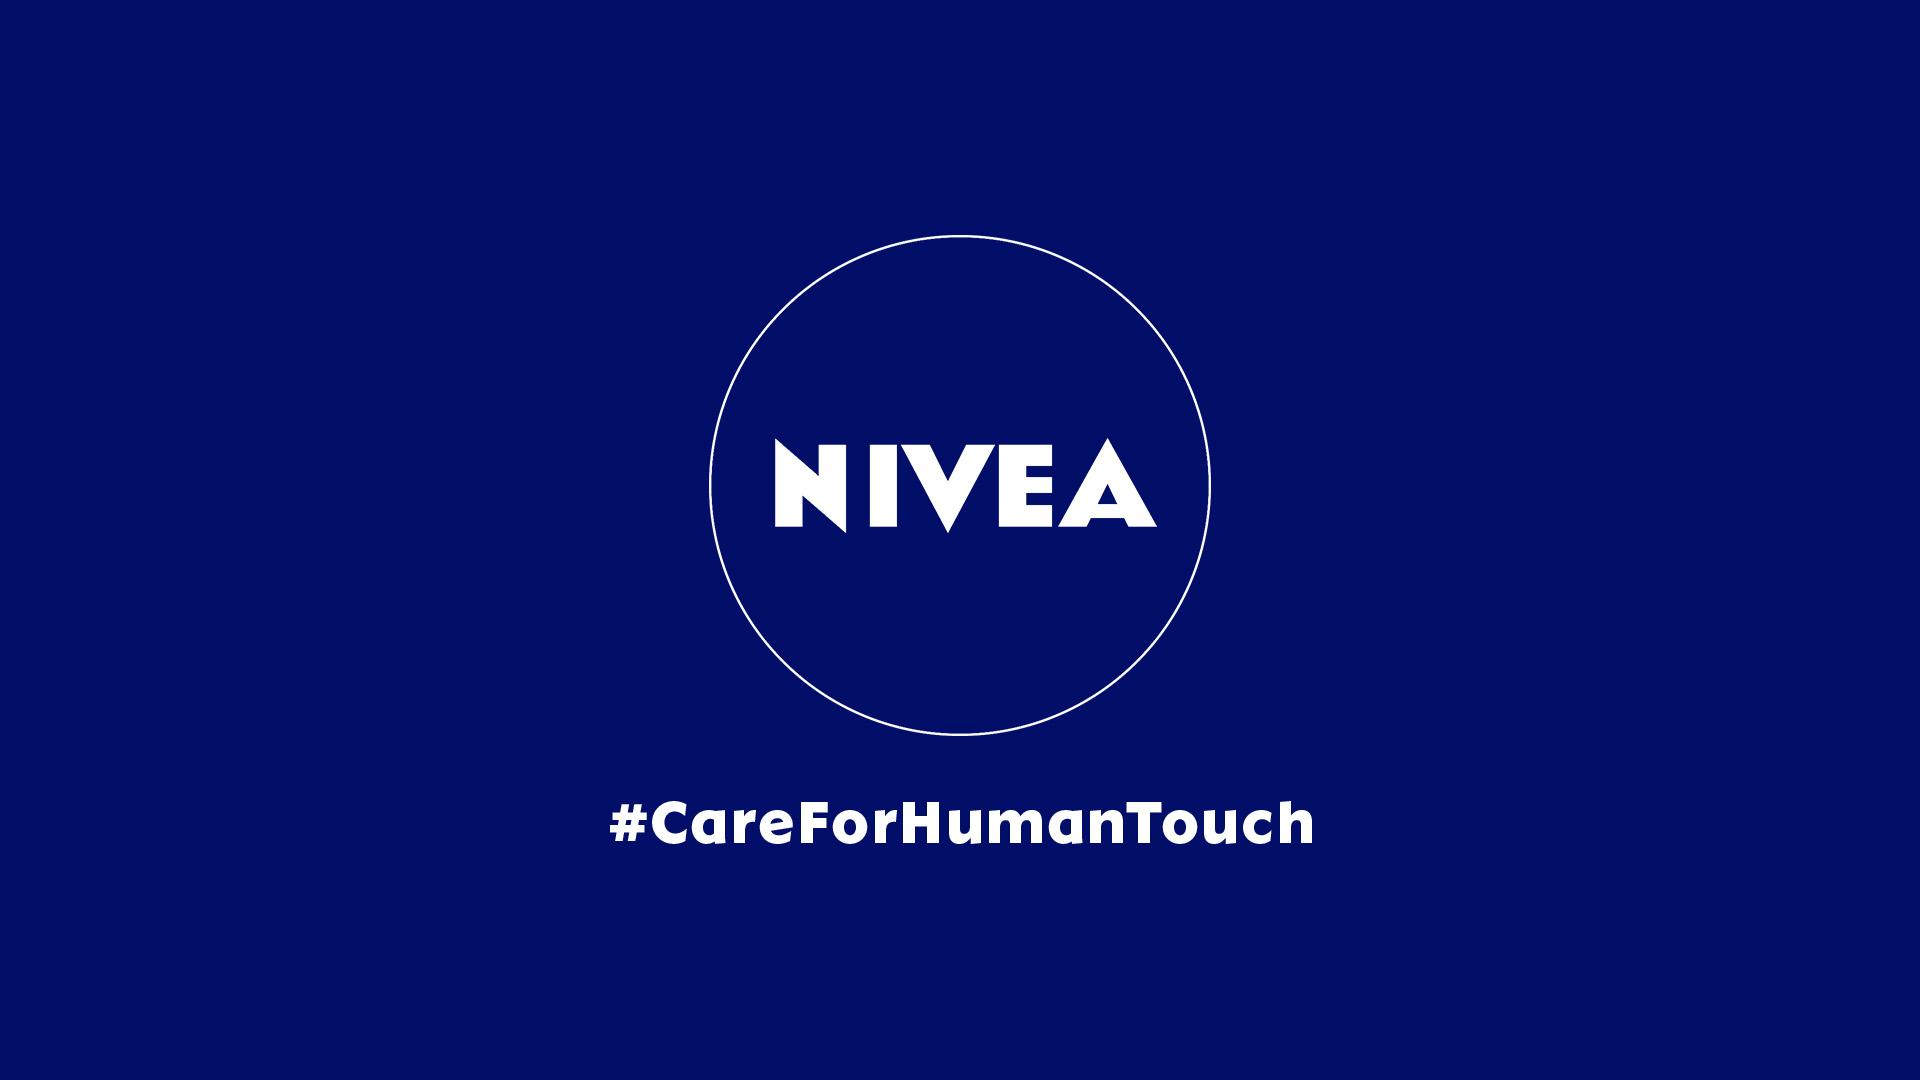 """""""Care For Human Touch: грижа за близост между хората"""" е новата кампания на NIVEA, разкриваща ползите от човешкото докосване 45"""